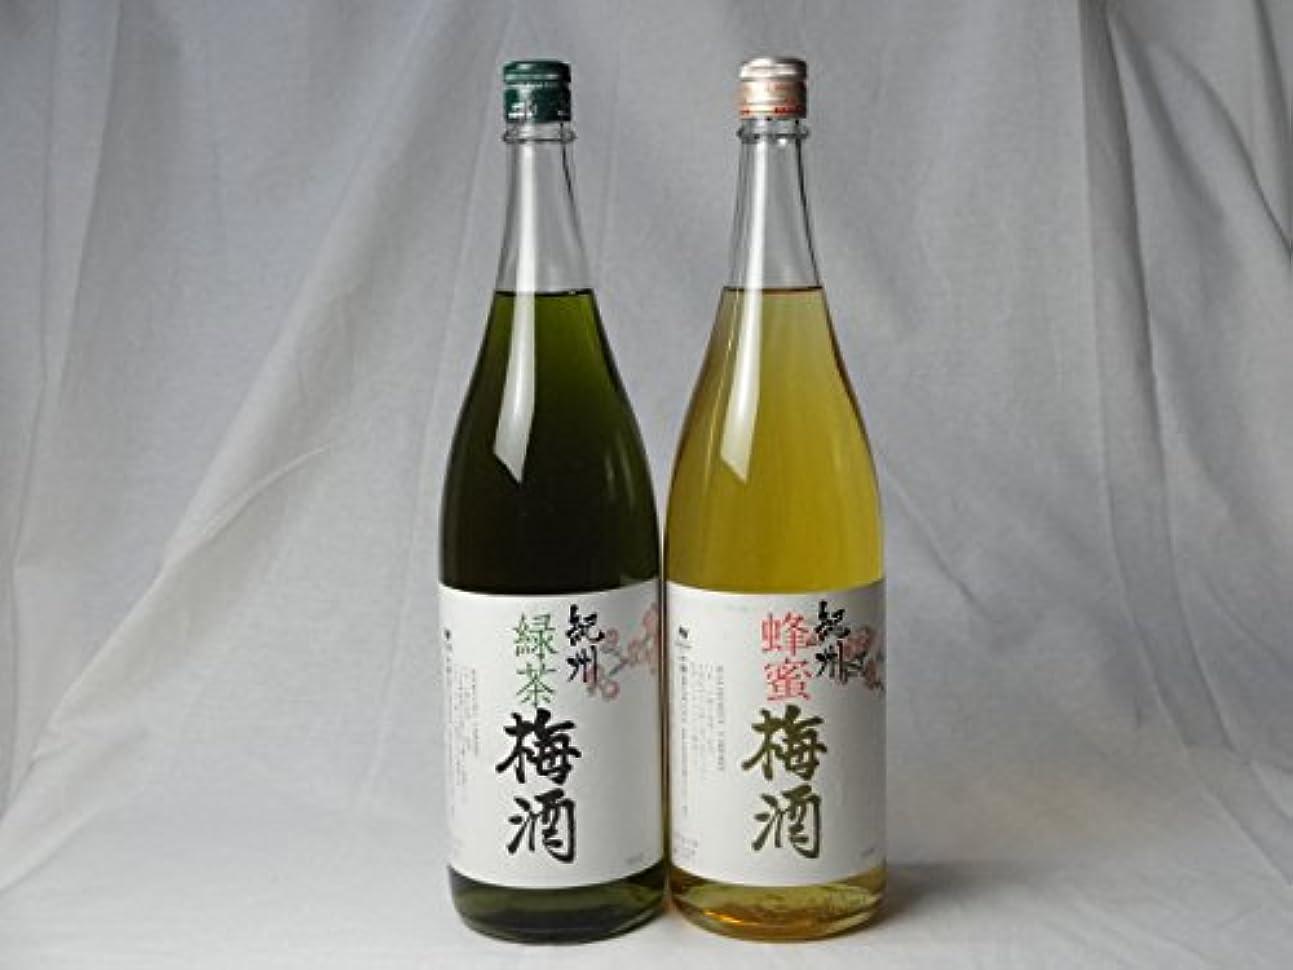 シングル割合摩擦こんな梅酒福袋が欲しかったぁ 飲み比べ2本セット(中野BC 緑茶梅酒 蜂蜜梅酒) 1800ml×2本